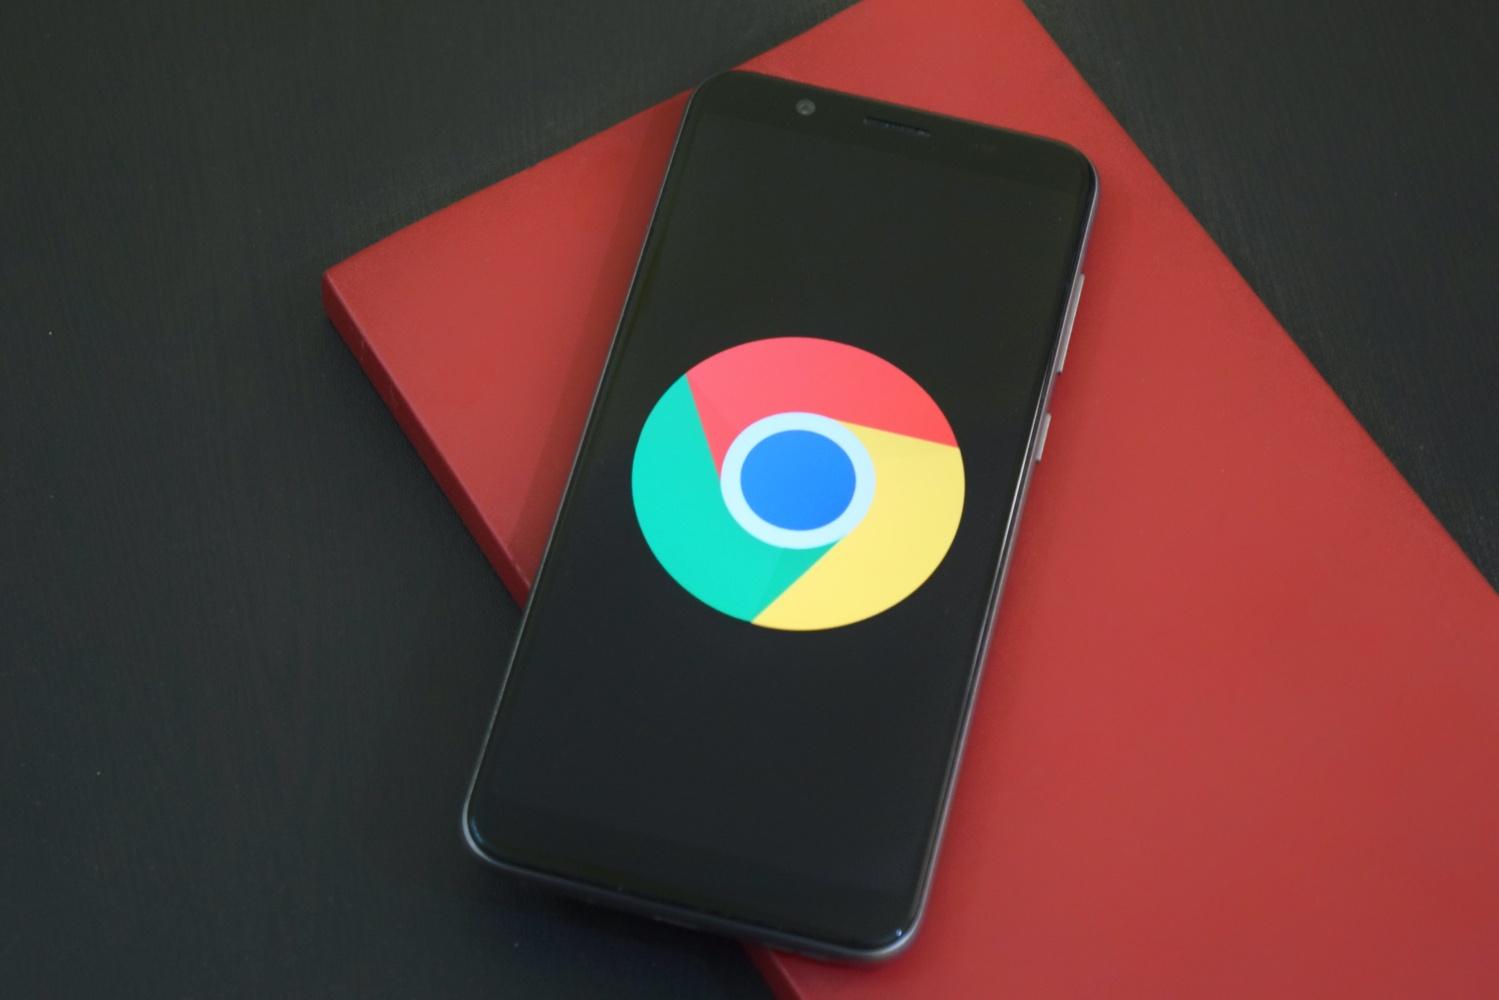 Nie zamykasz starych kart? Google Chrome może zrobić z nimi porządek 27